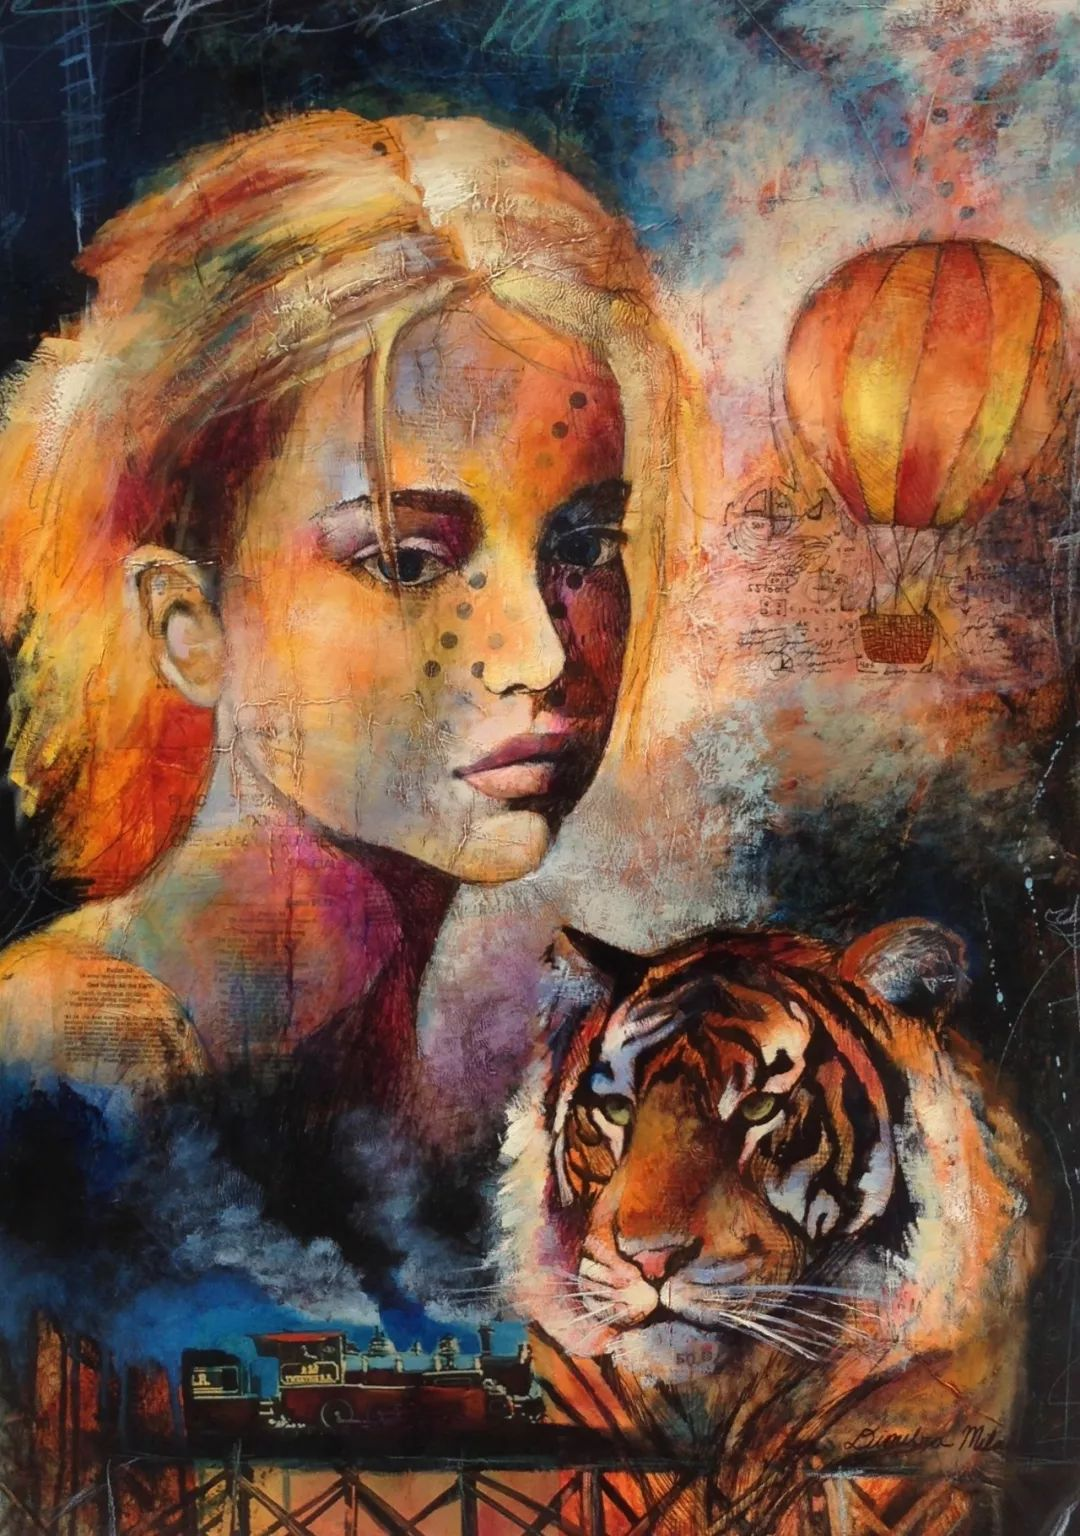 12岁开始画画 16岁就卖画赚100万——希腊小画家Dimitra Milan插图62